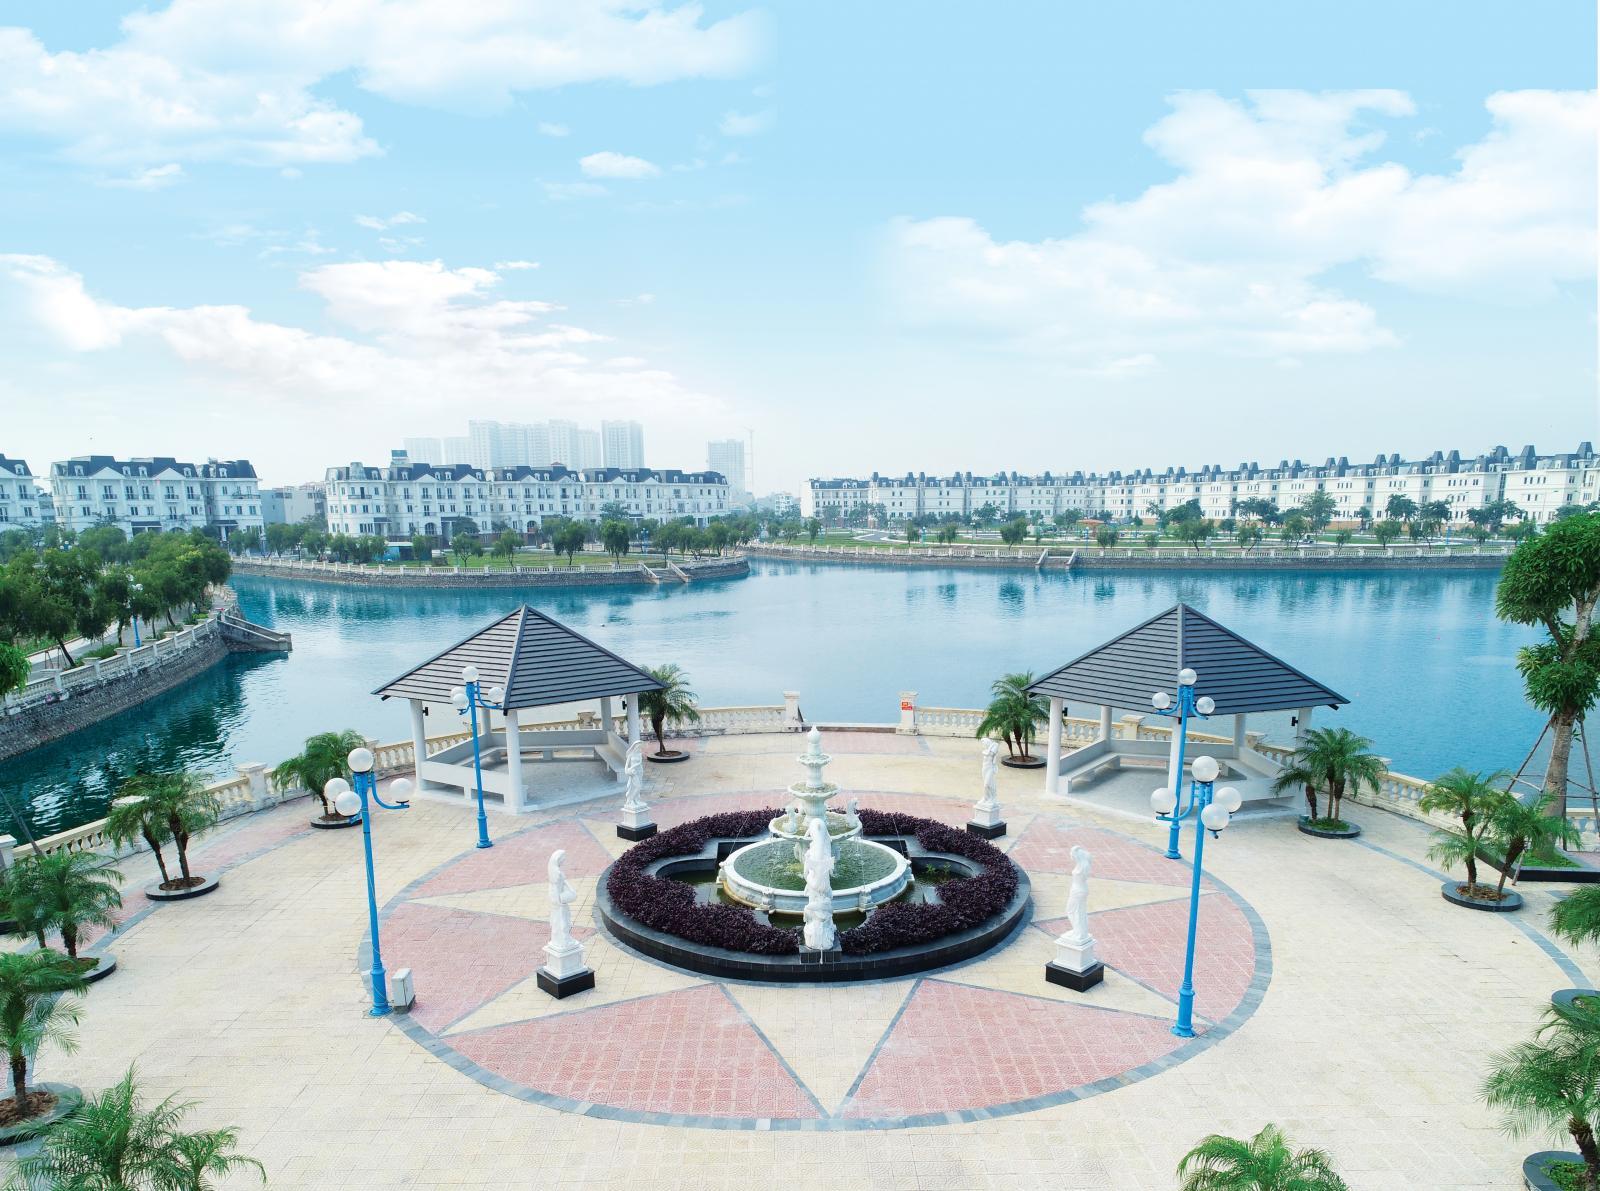 Đài phun nước và các công trình nhà ở nằm ven hồ